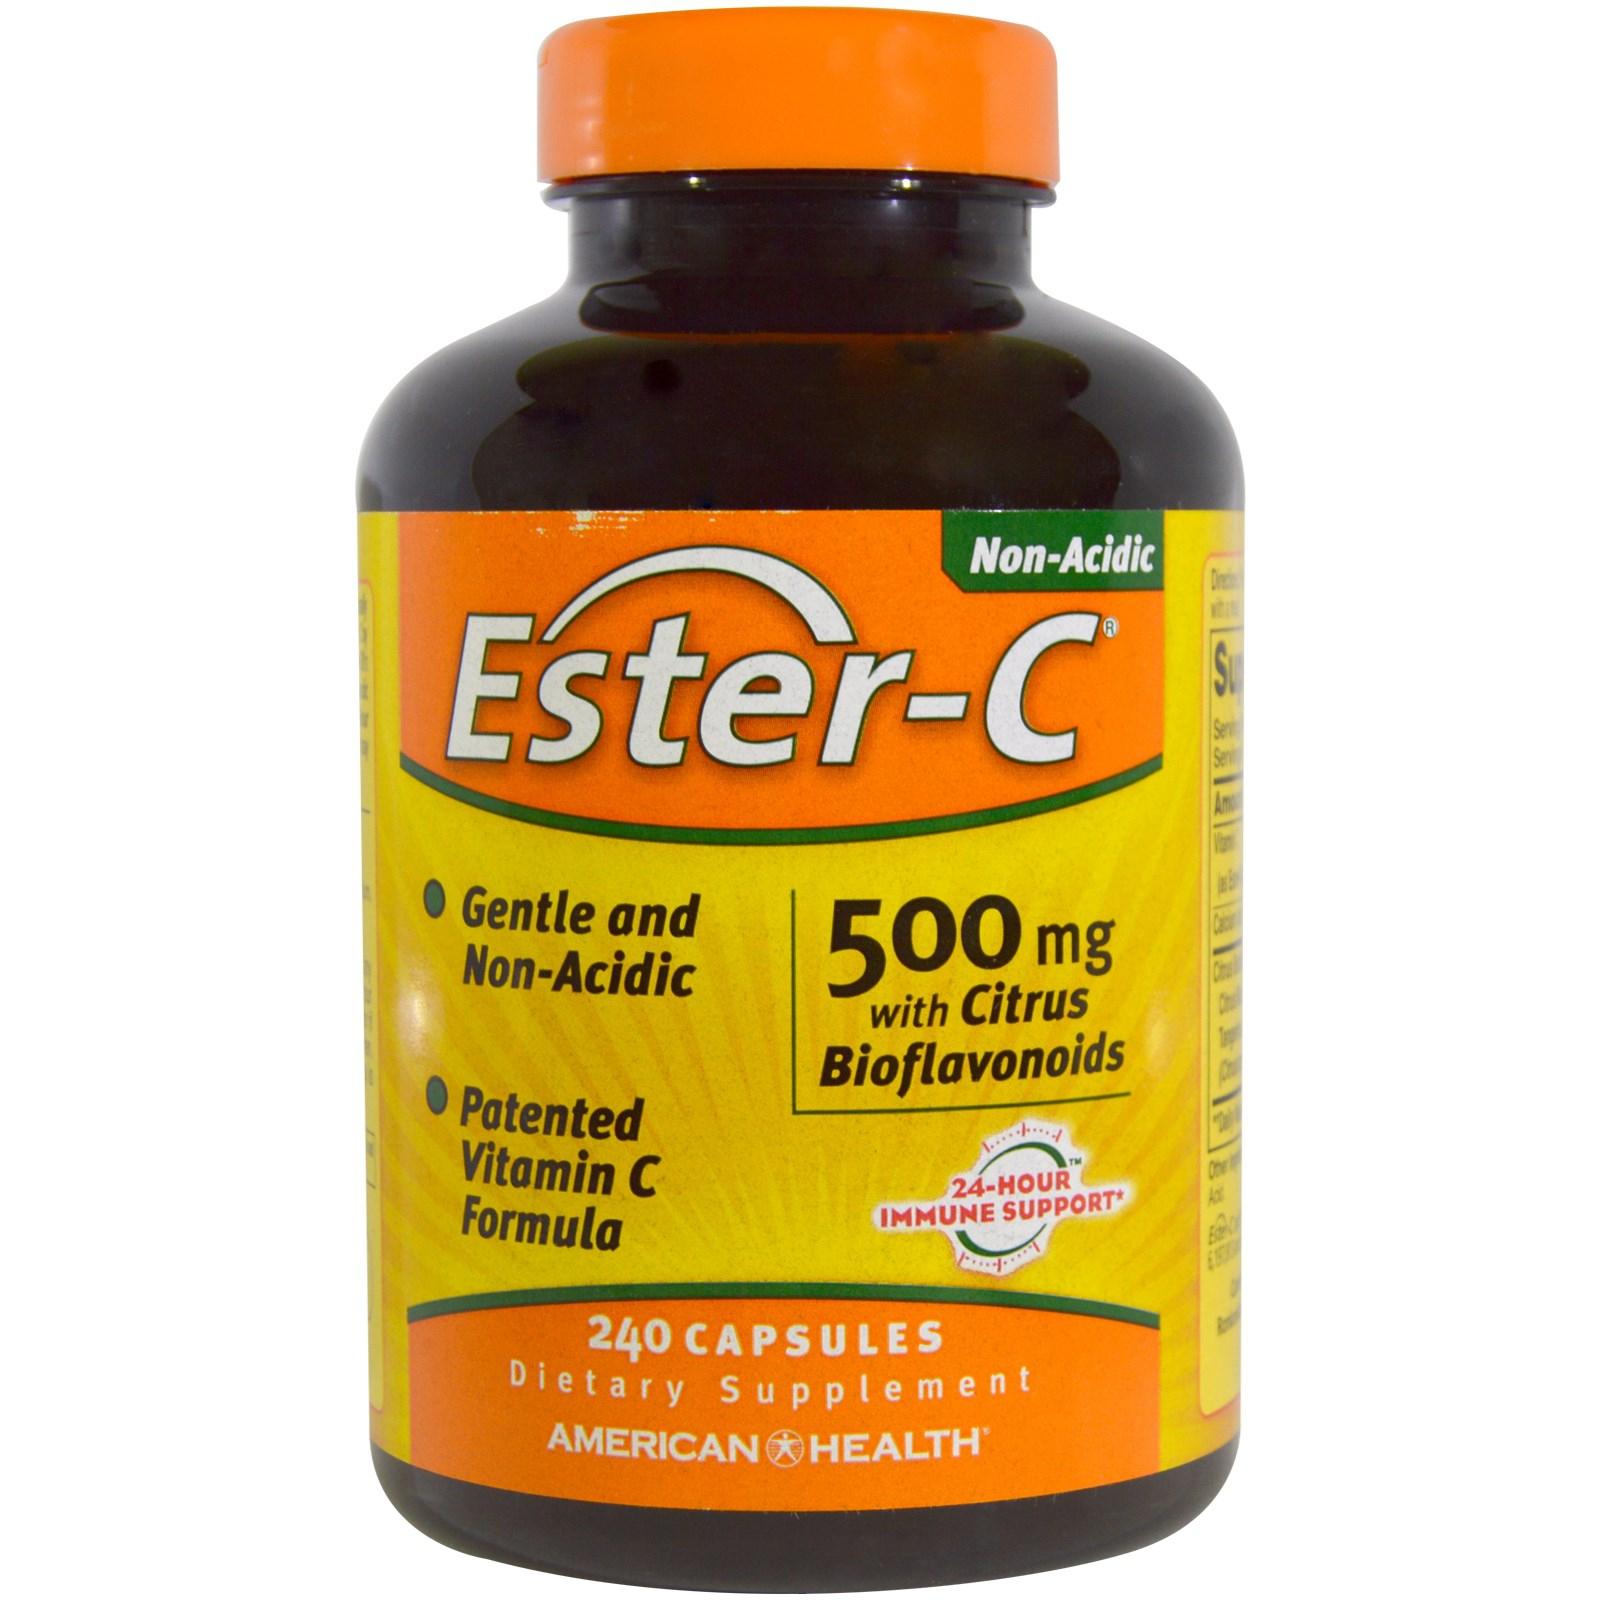 Ester C 500 mg with Citrus Bioflavonoids (240 Capsules) American Health